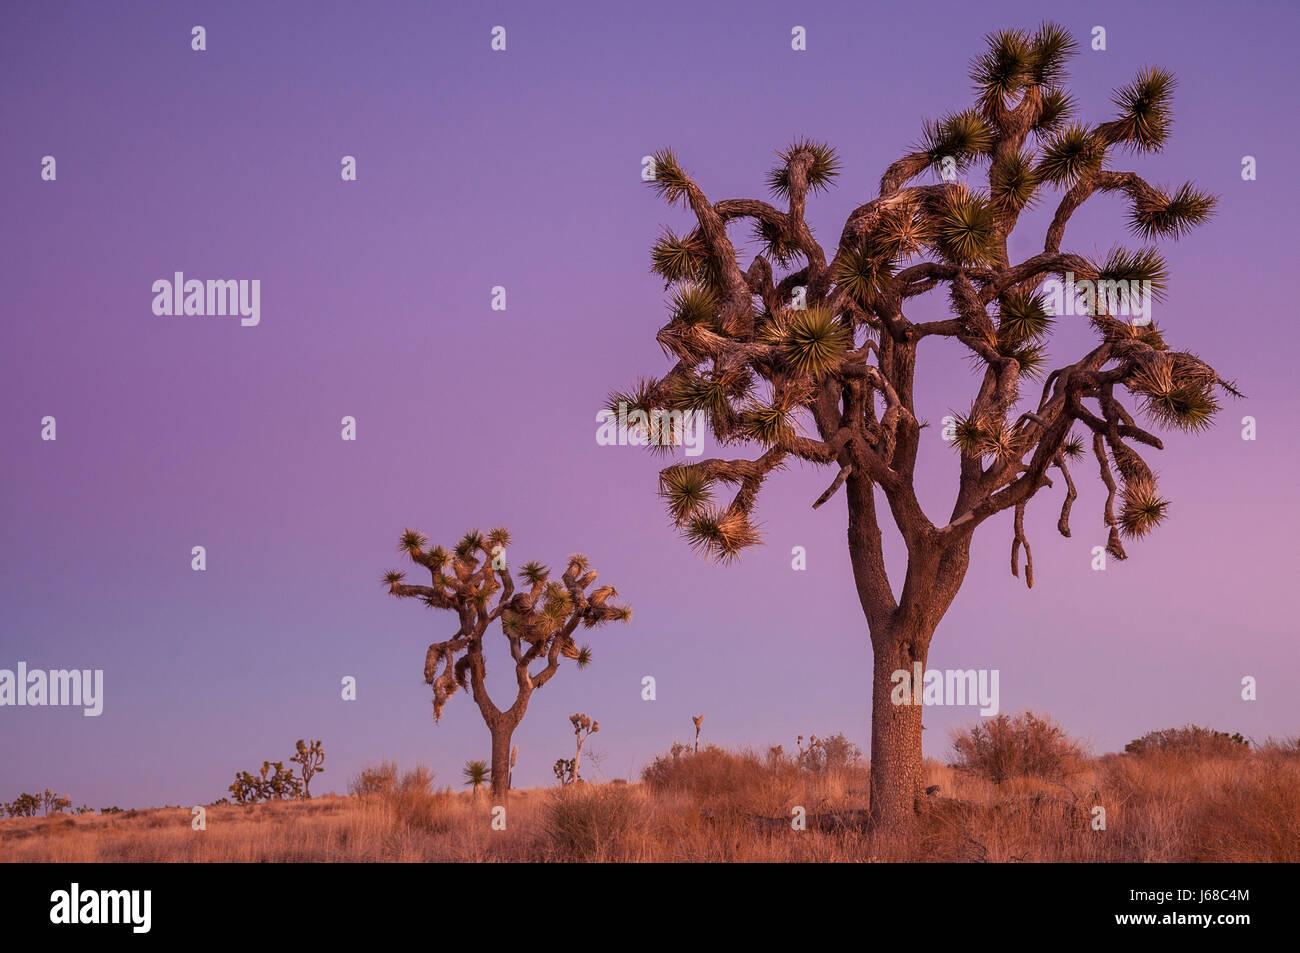 Joshua trees at dusk; Joshua Tree National Park, California. - Stock Image